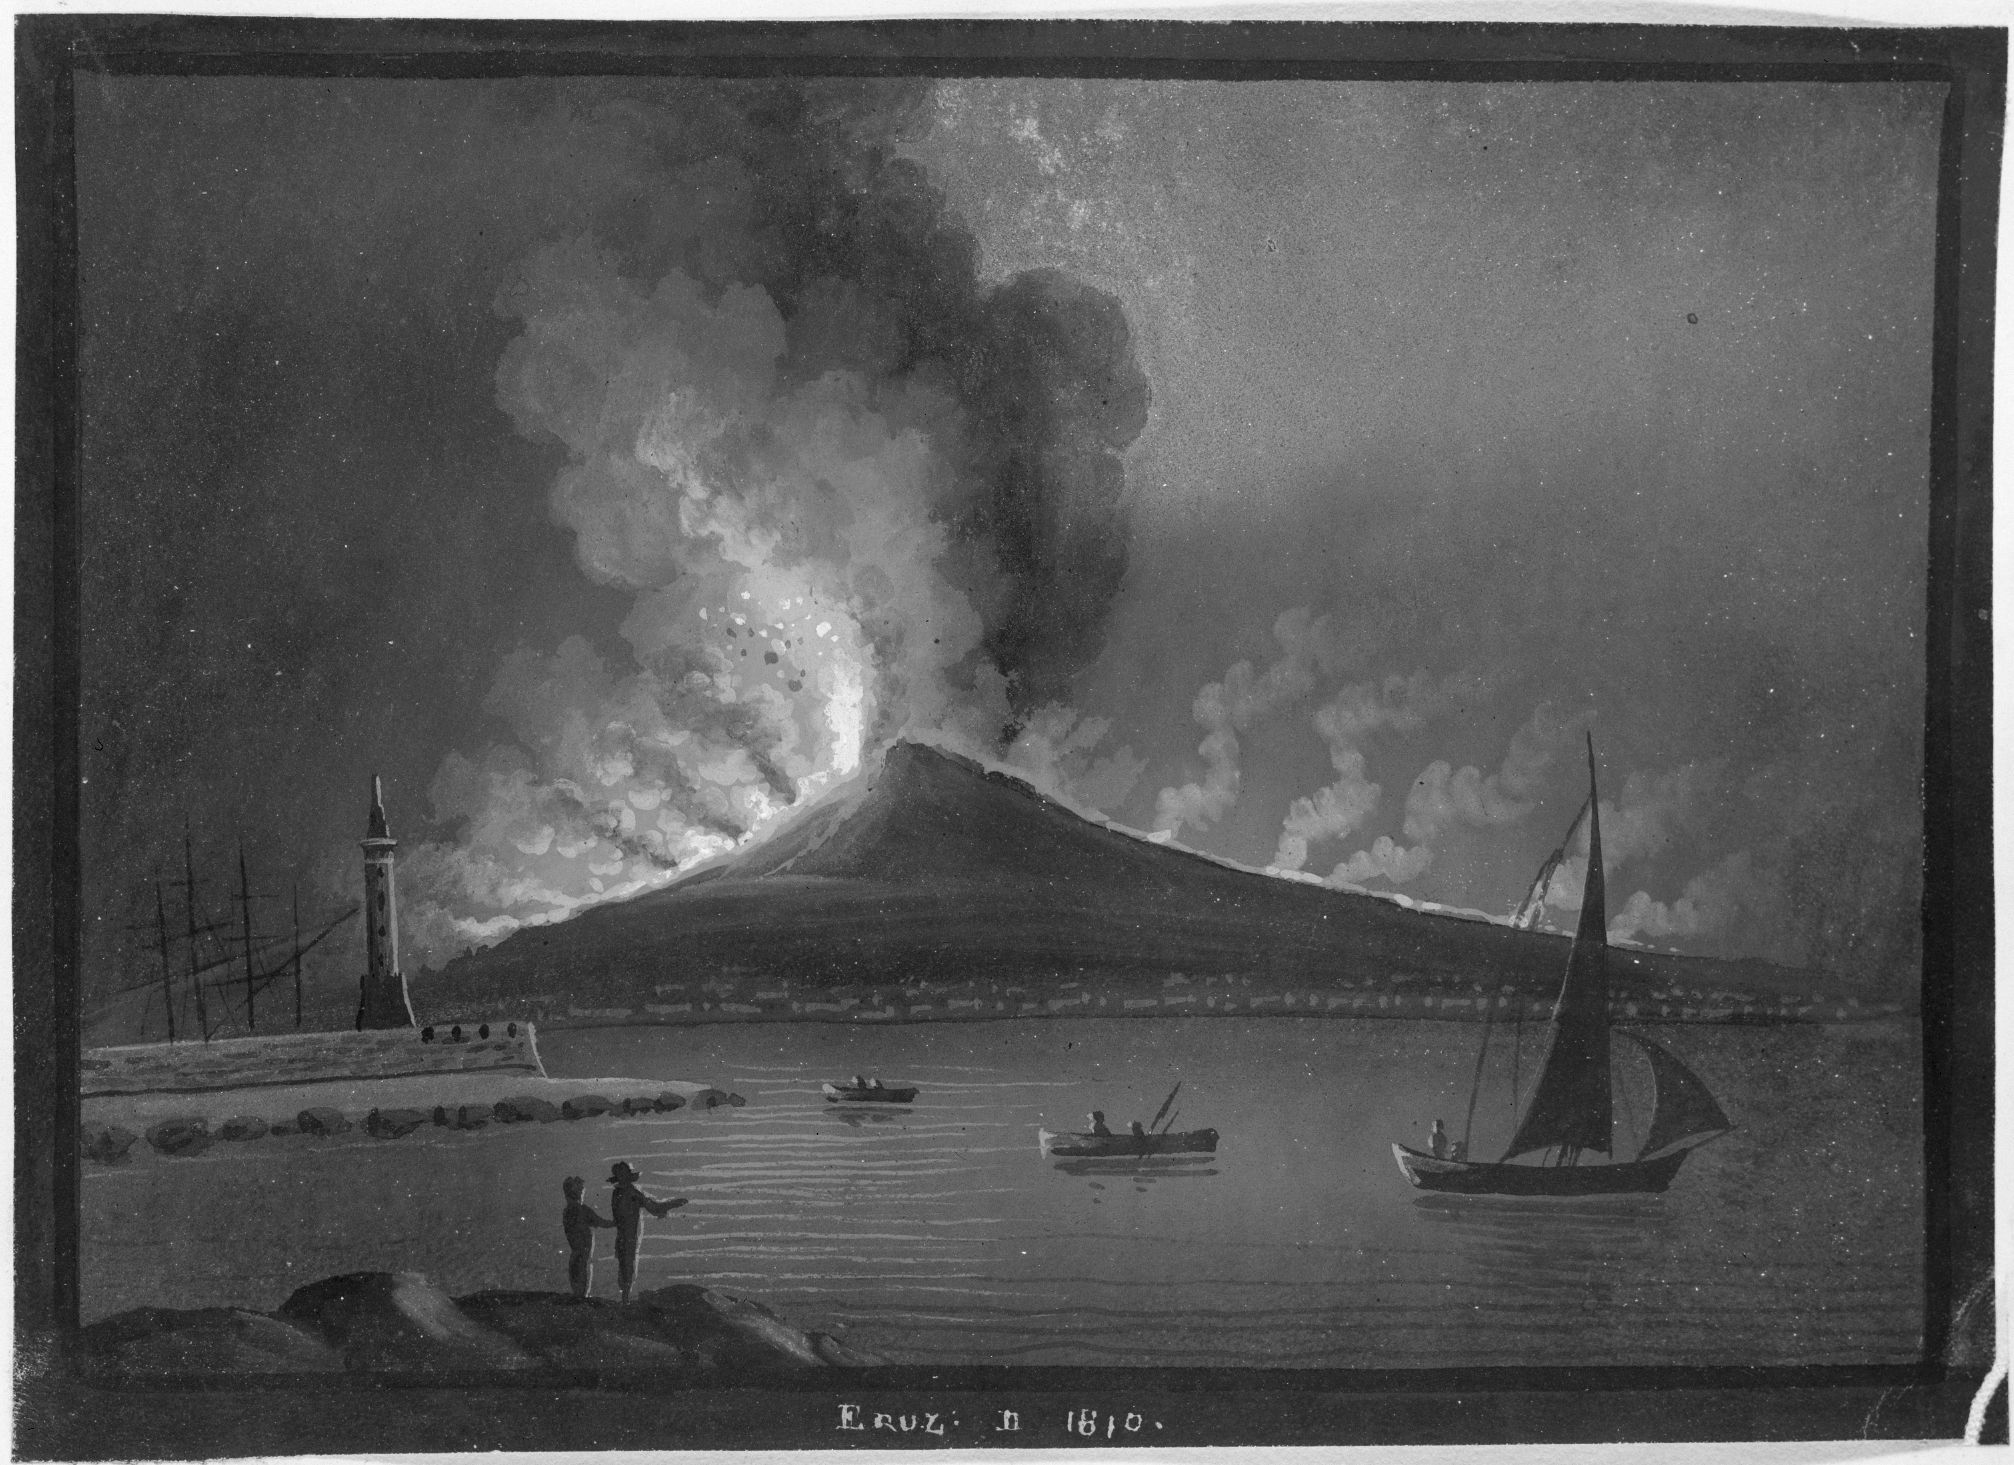 Eruption Of Vesuvius In 1810